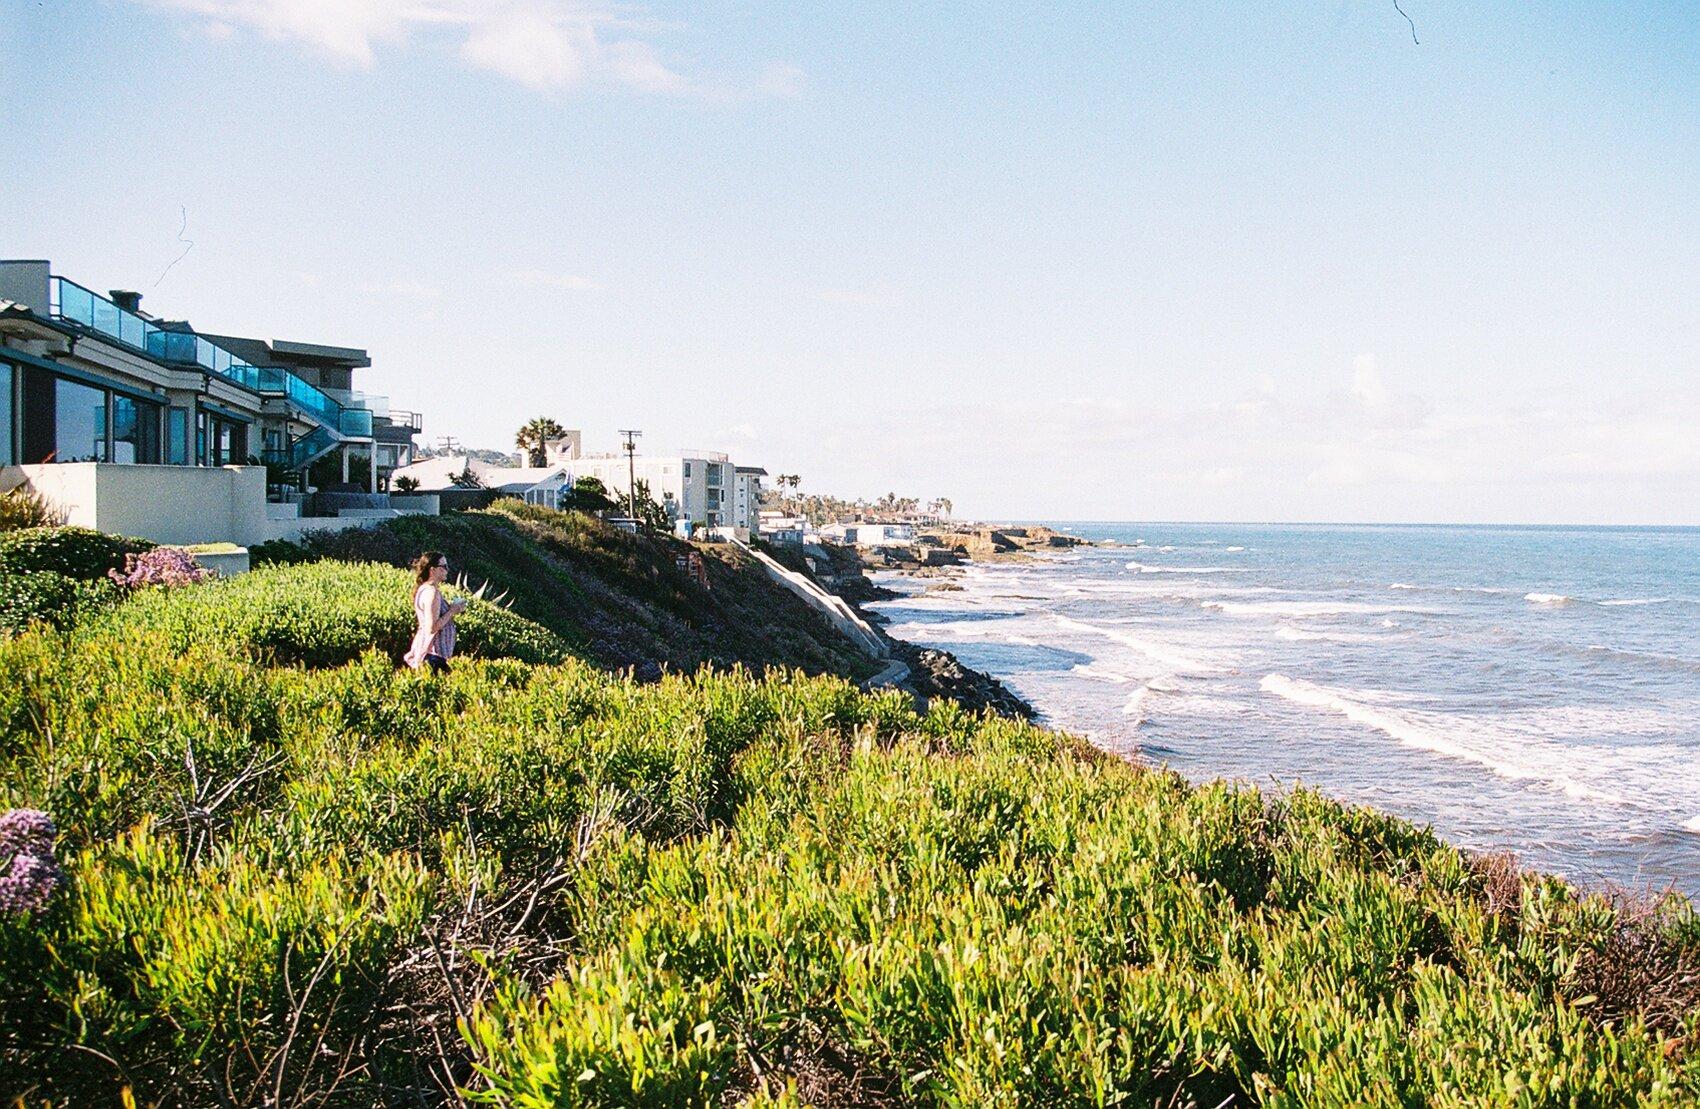 Sunrise Cliffs, Ocean Beach, California, 7:14 a.m., May 27, 2019